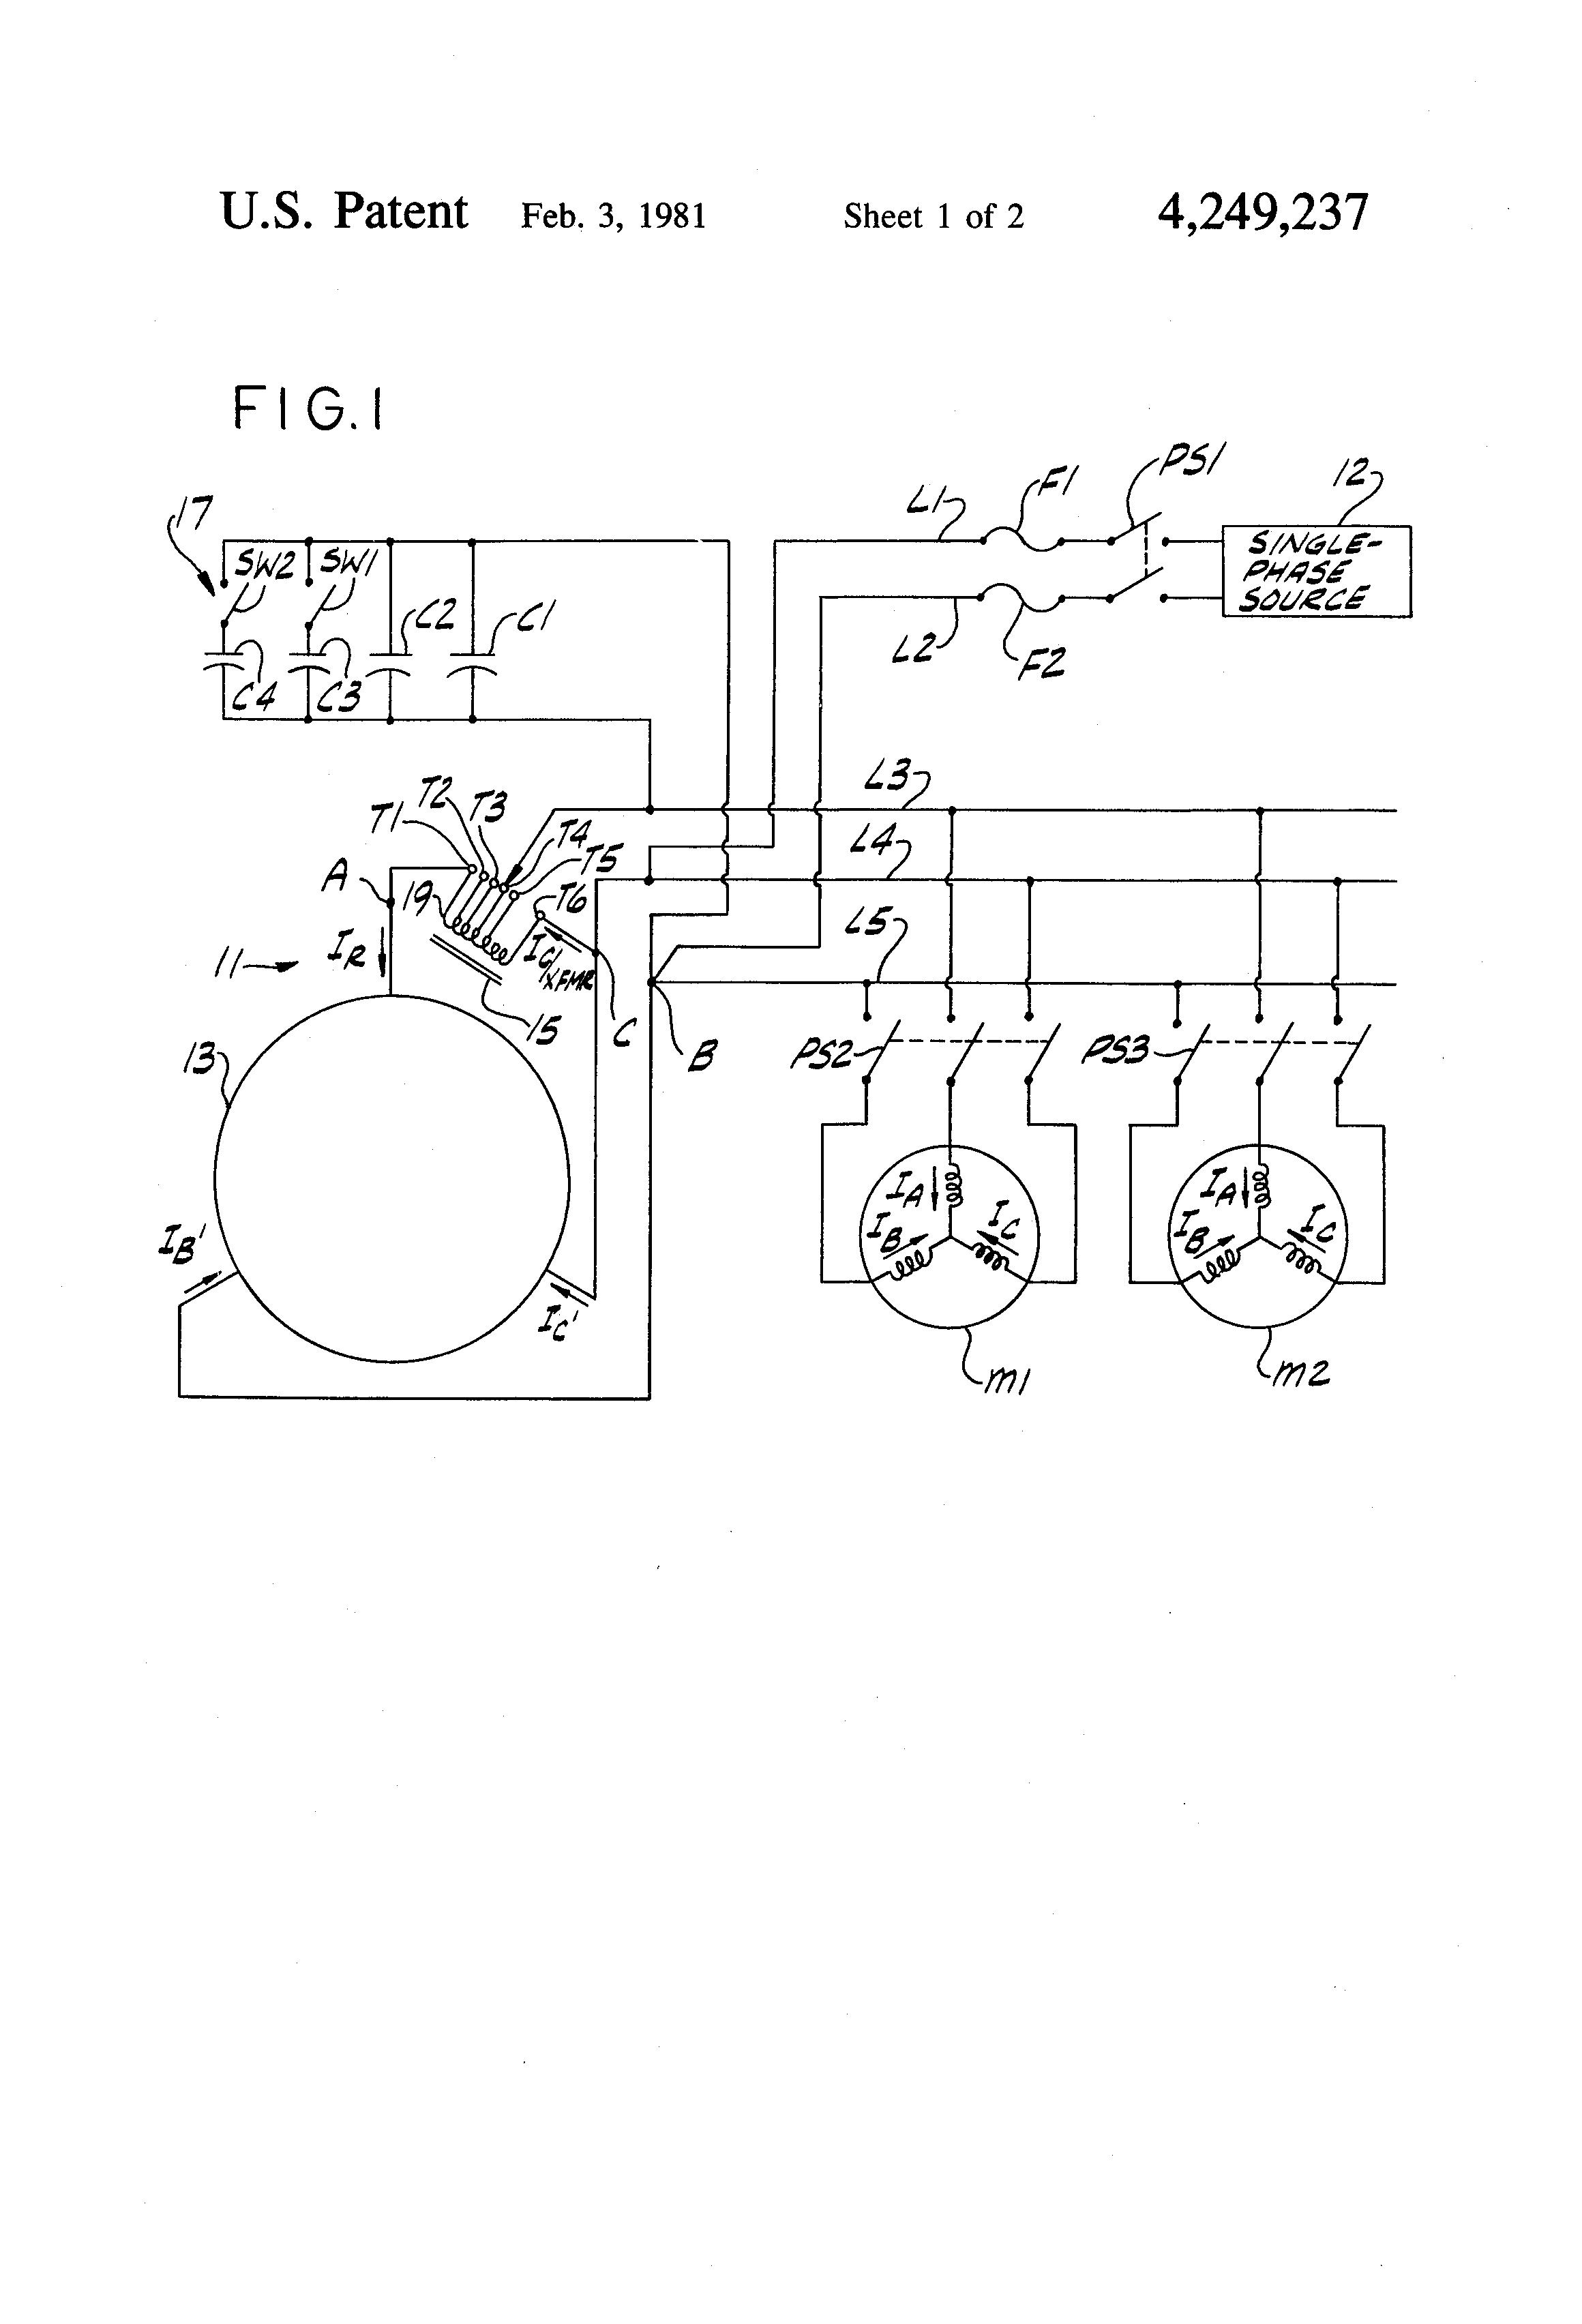 Ronk Phase Converter Wiring Diagram - Schematics Wiring Diagram - Rotary Phase Converter Wiring Diagram